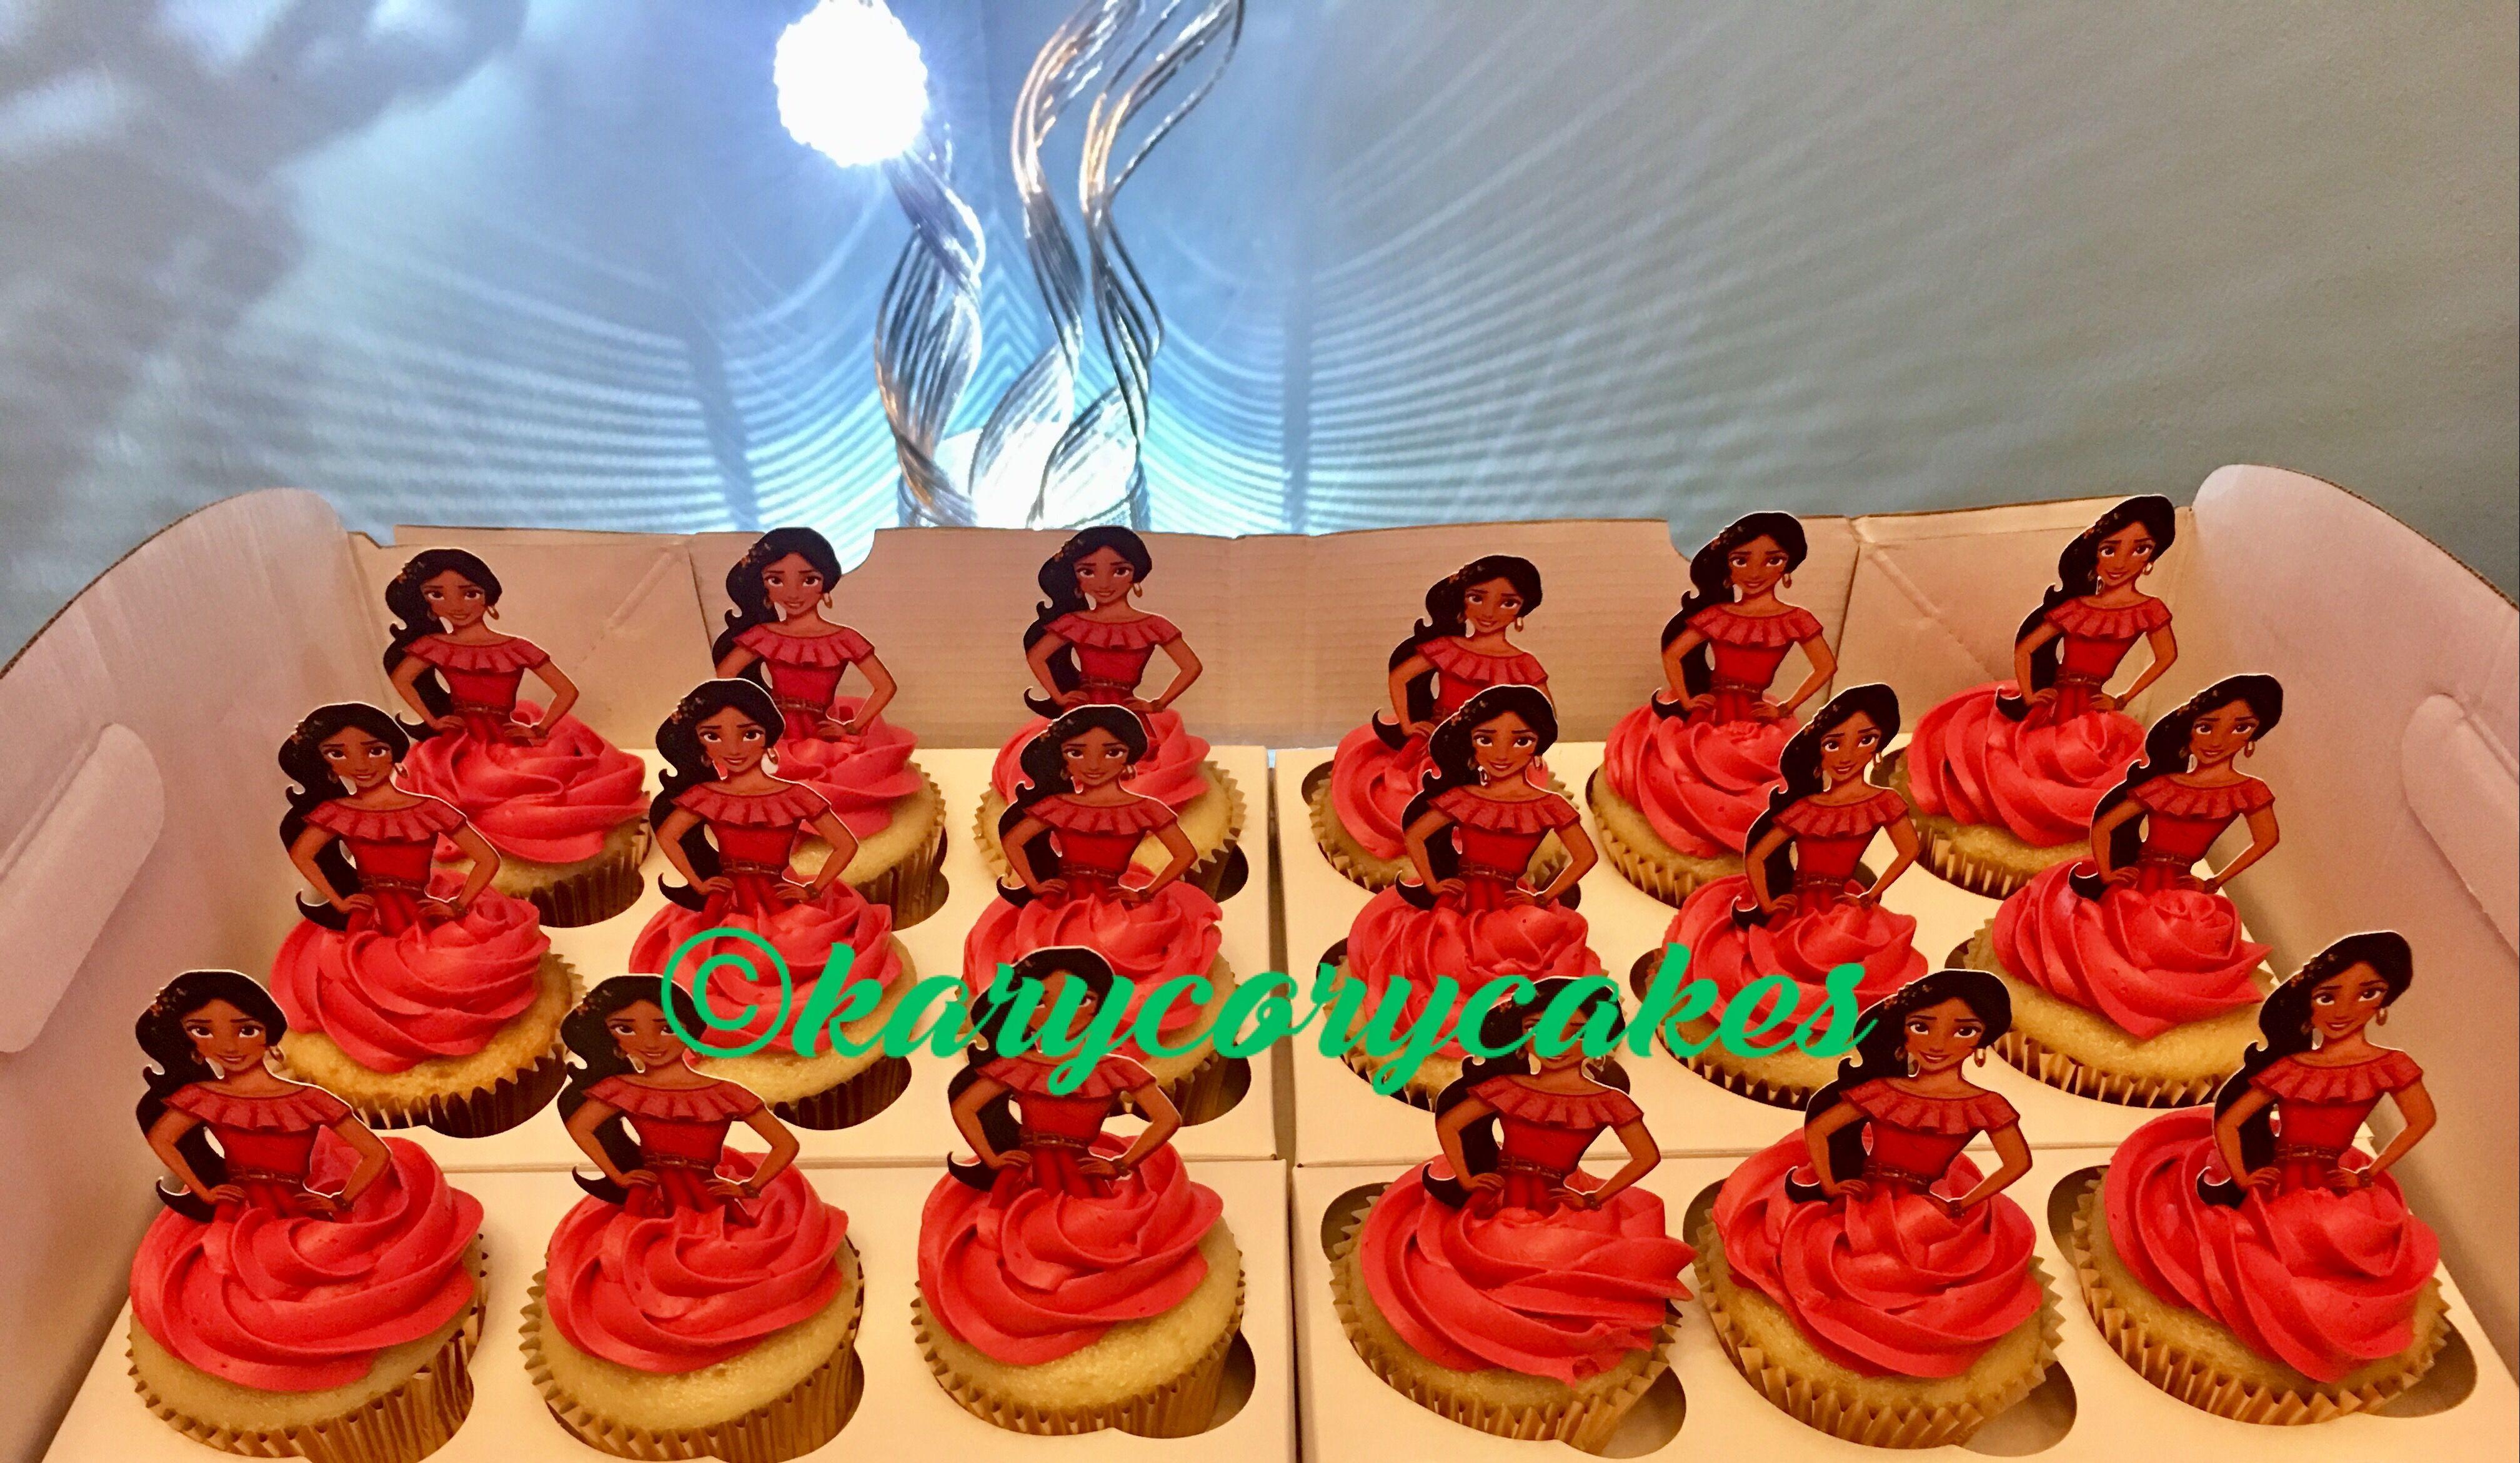 Princess Elena Of Avalor Cupcakes.